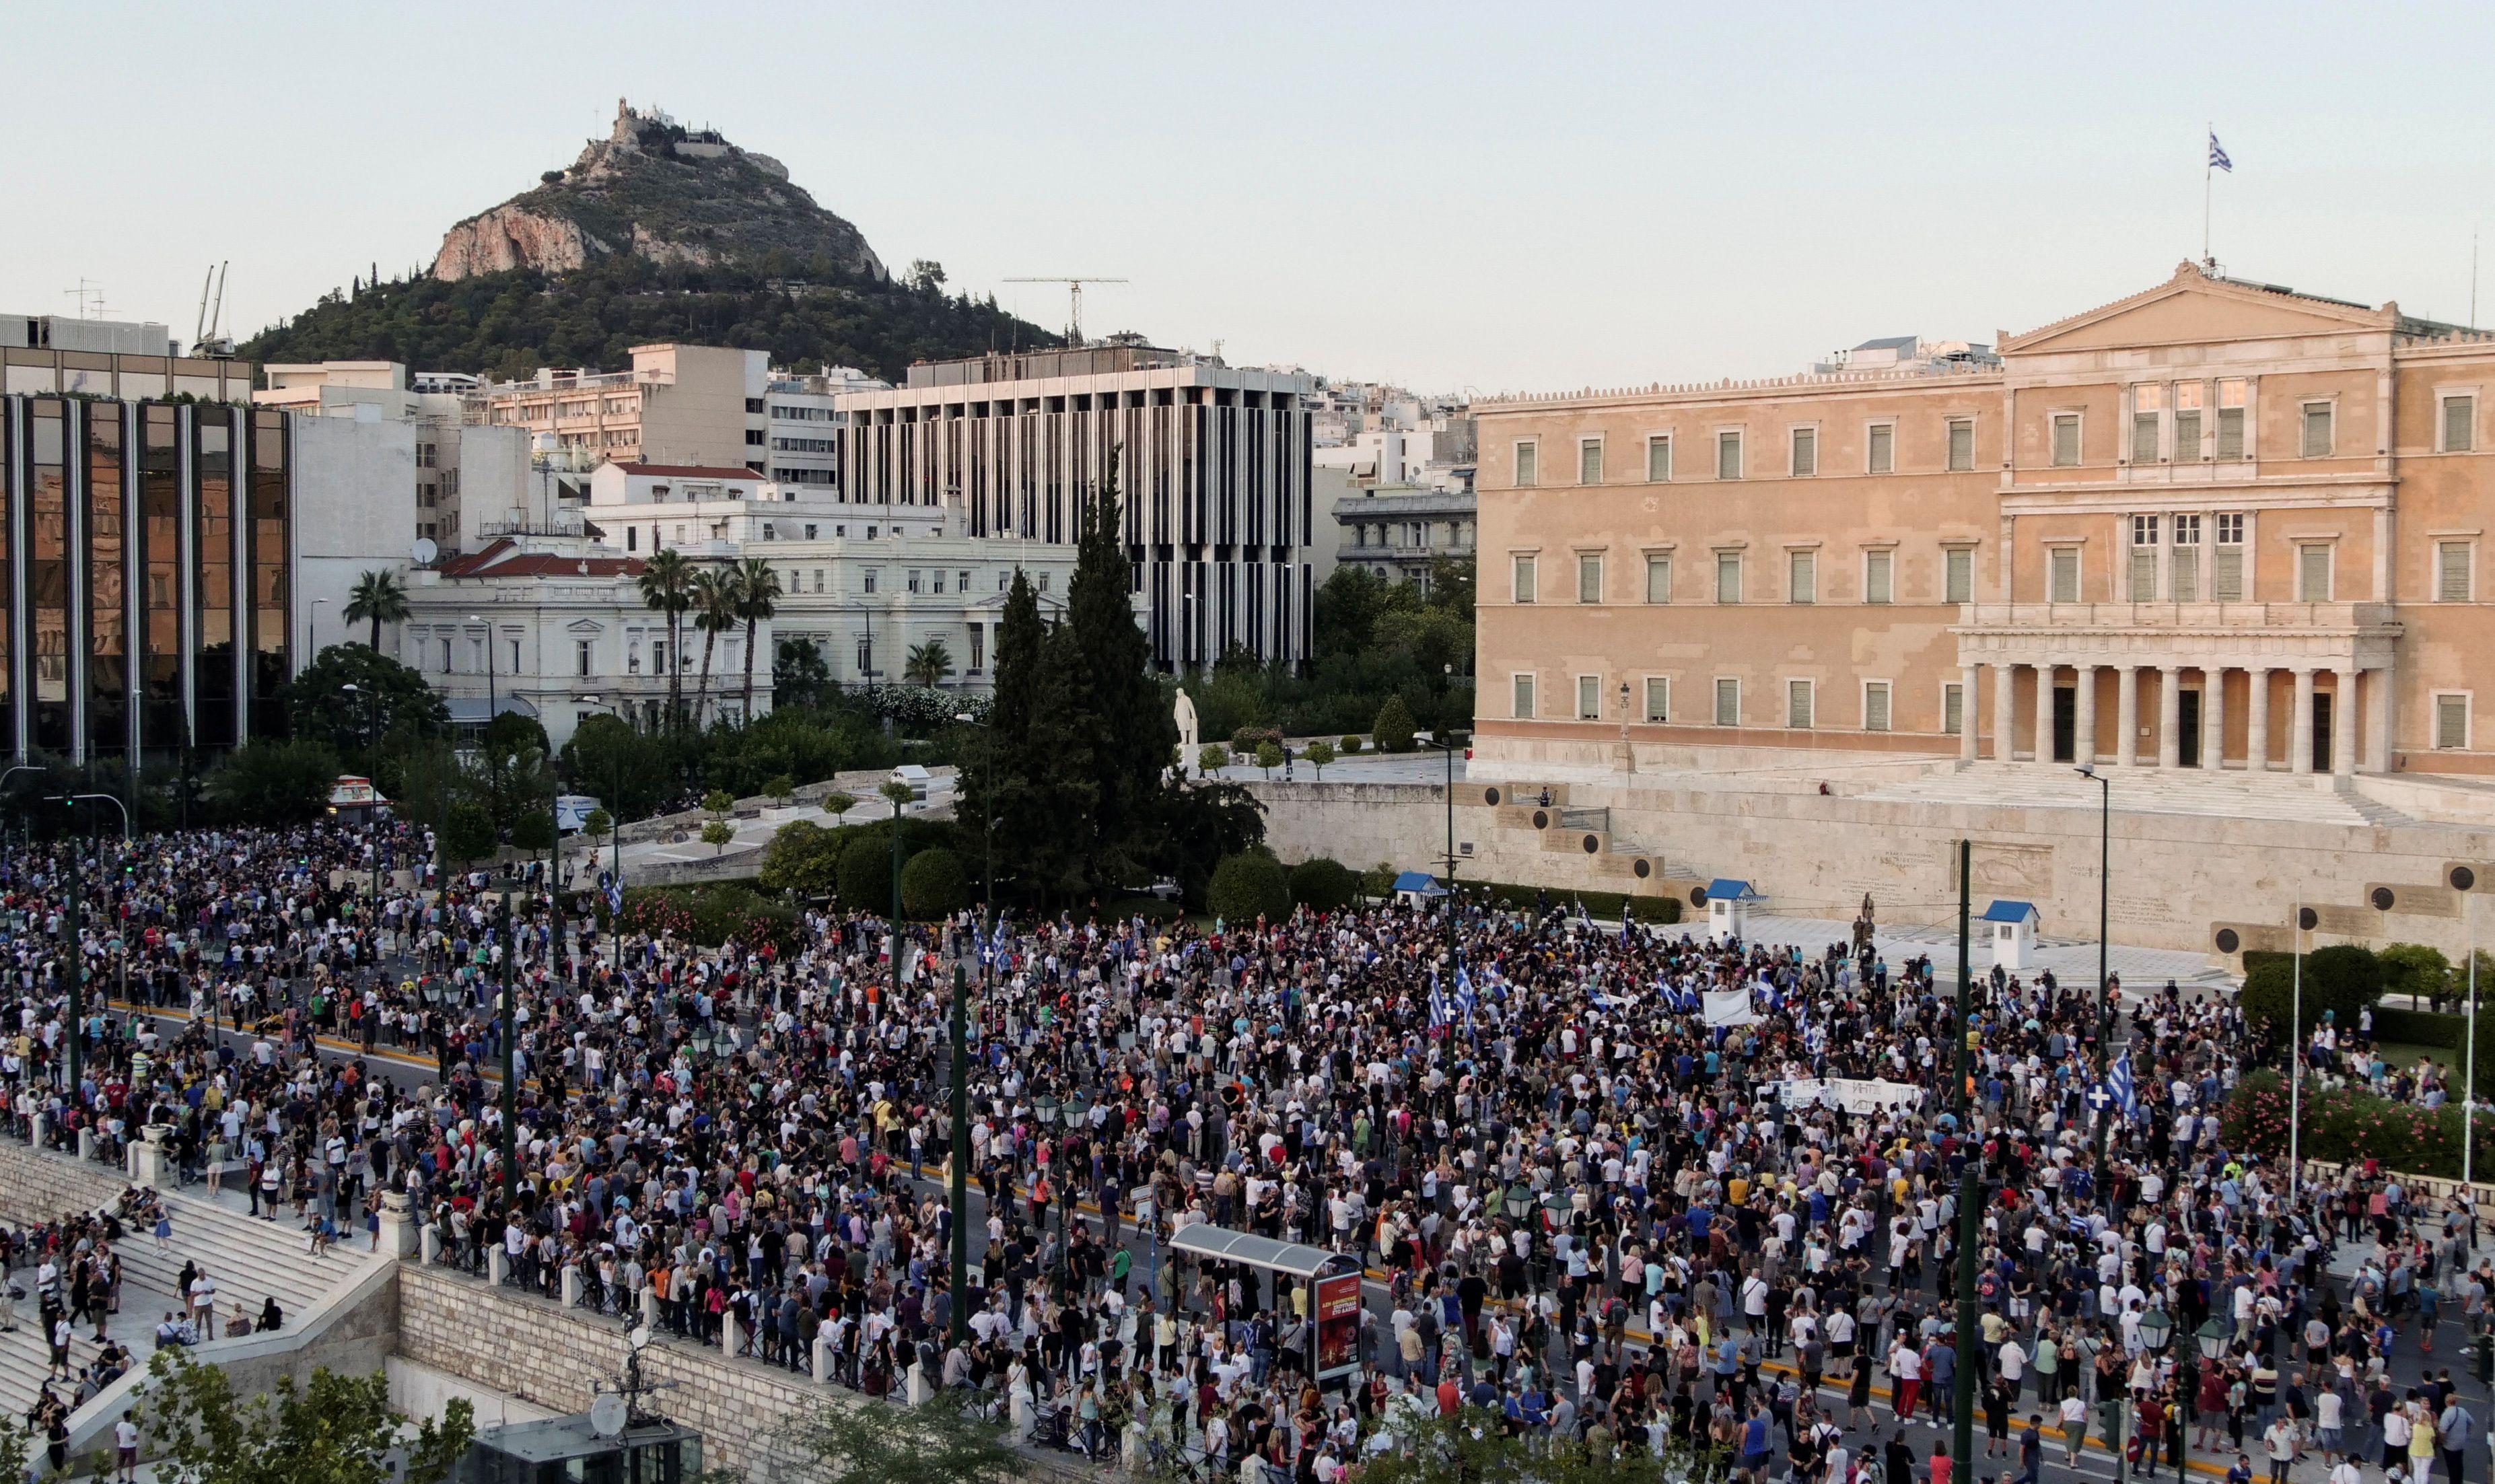 Más de 3000 personas protestaron en Atenas contra las medidas anunciadas para combatir el coronavirus en el últimas horas - REUTERS/Vassilis Triandafyllou